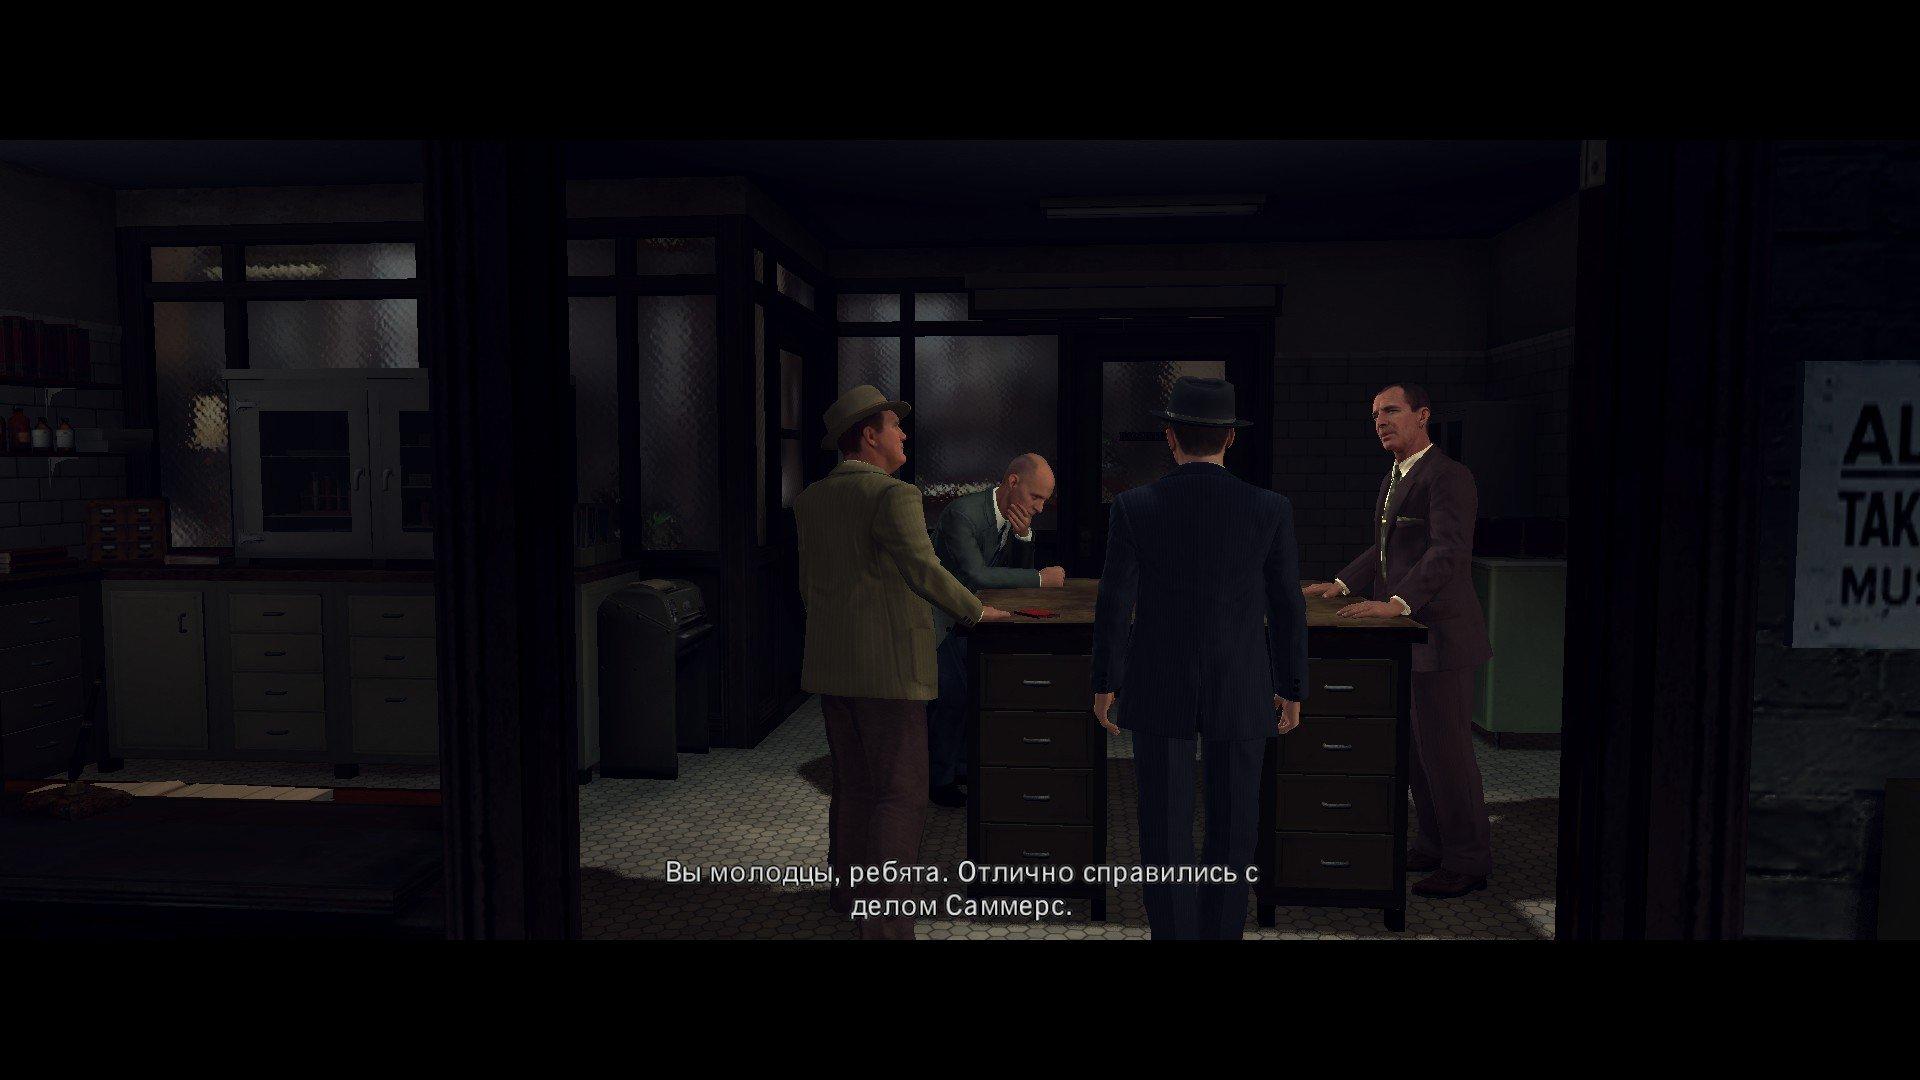 Пост-прохождение L.A. Noire Часть 13 - Изображение 3